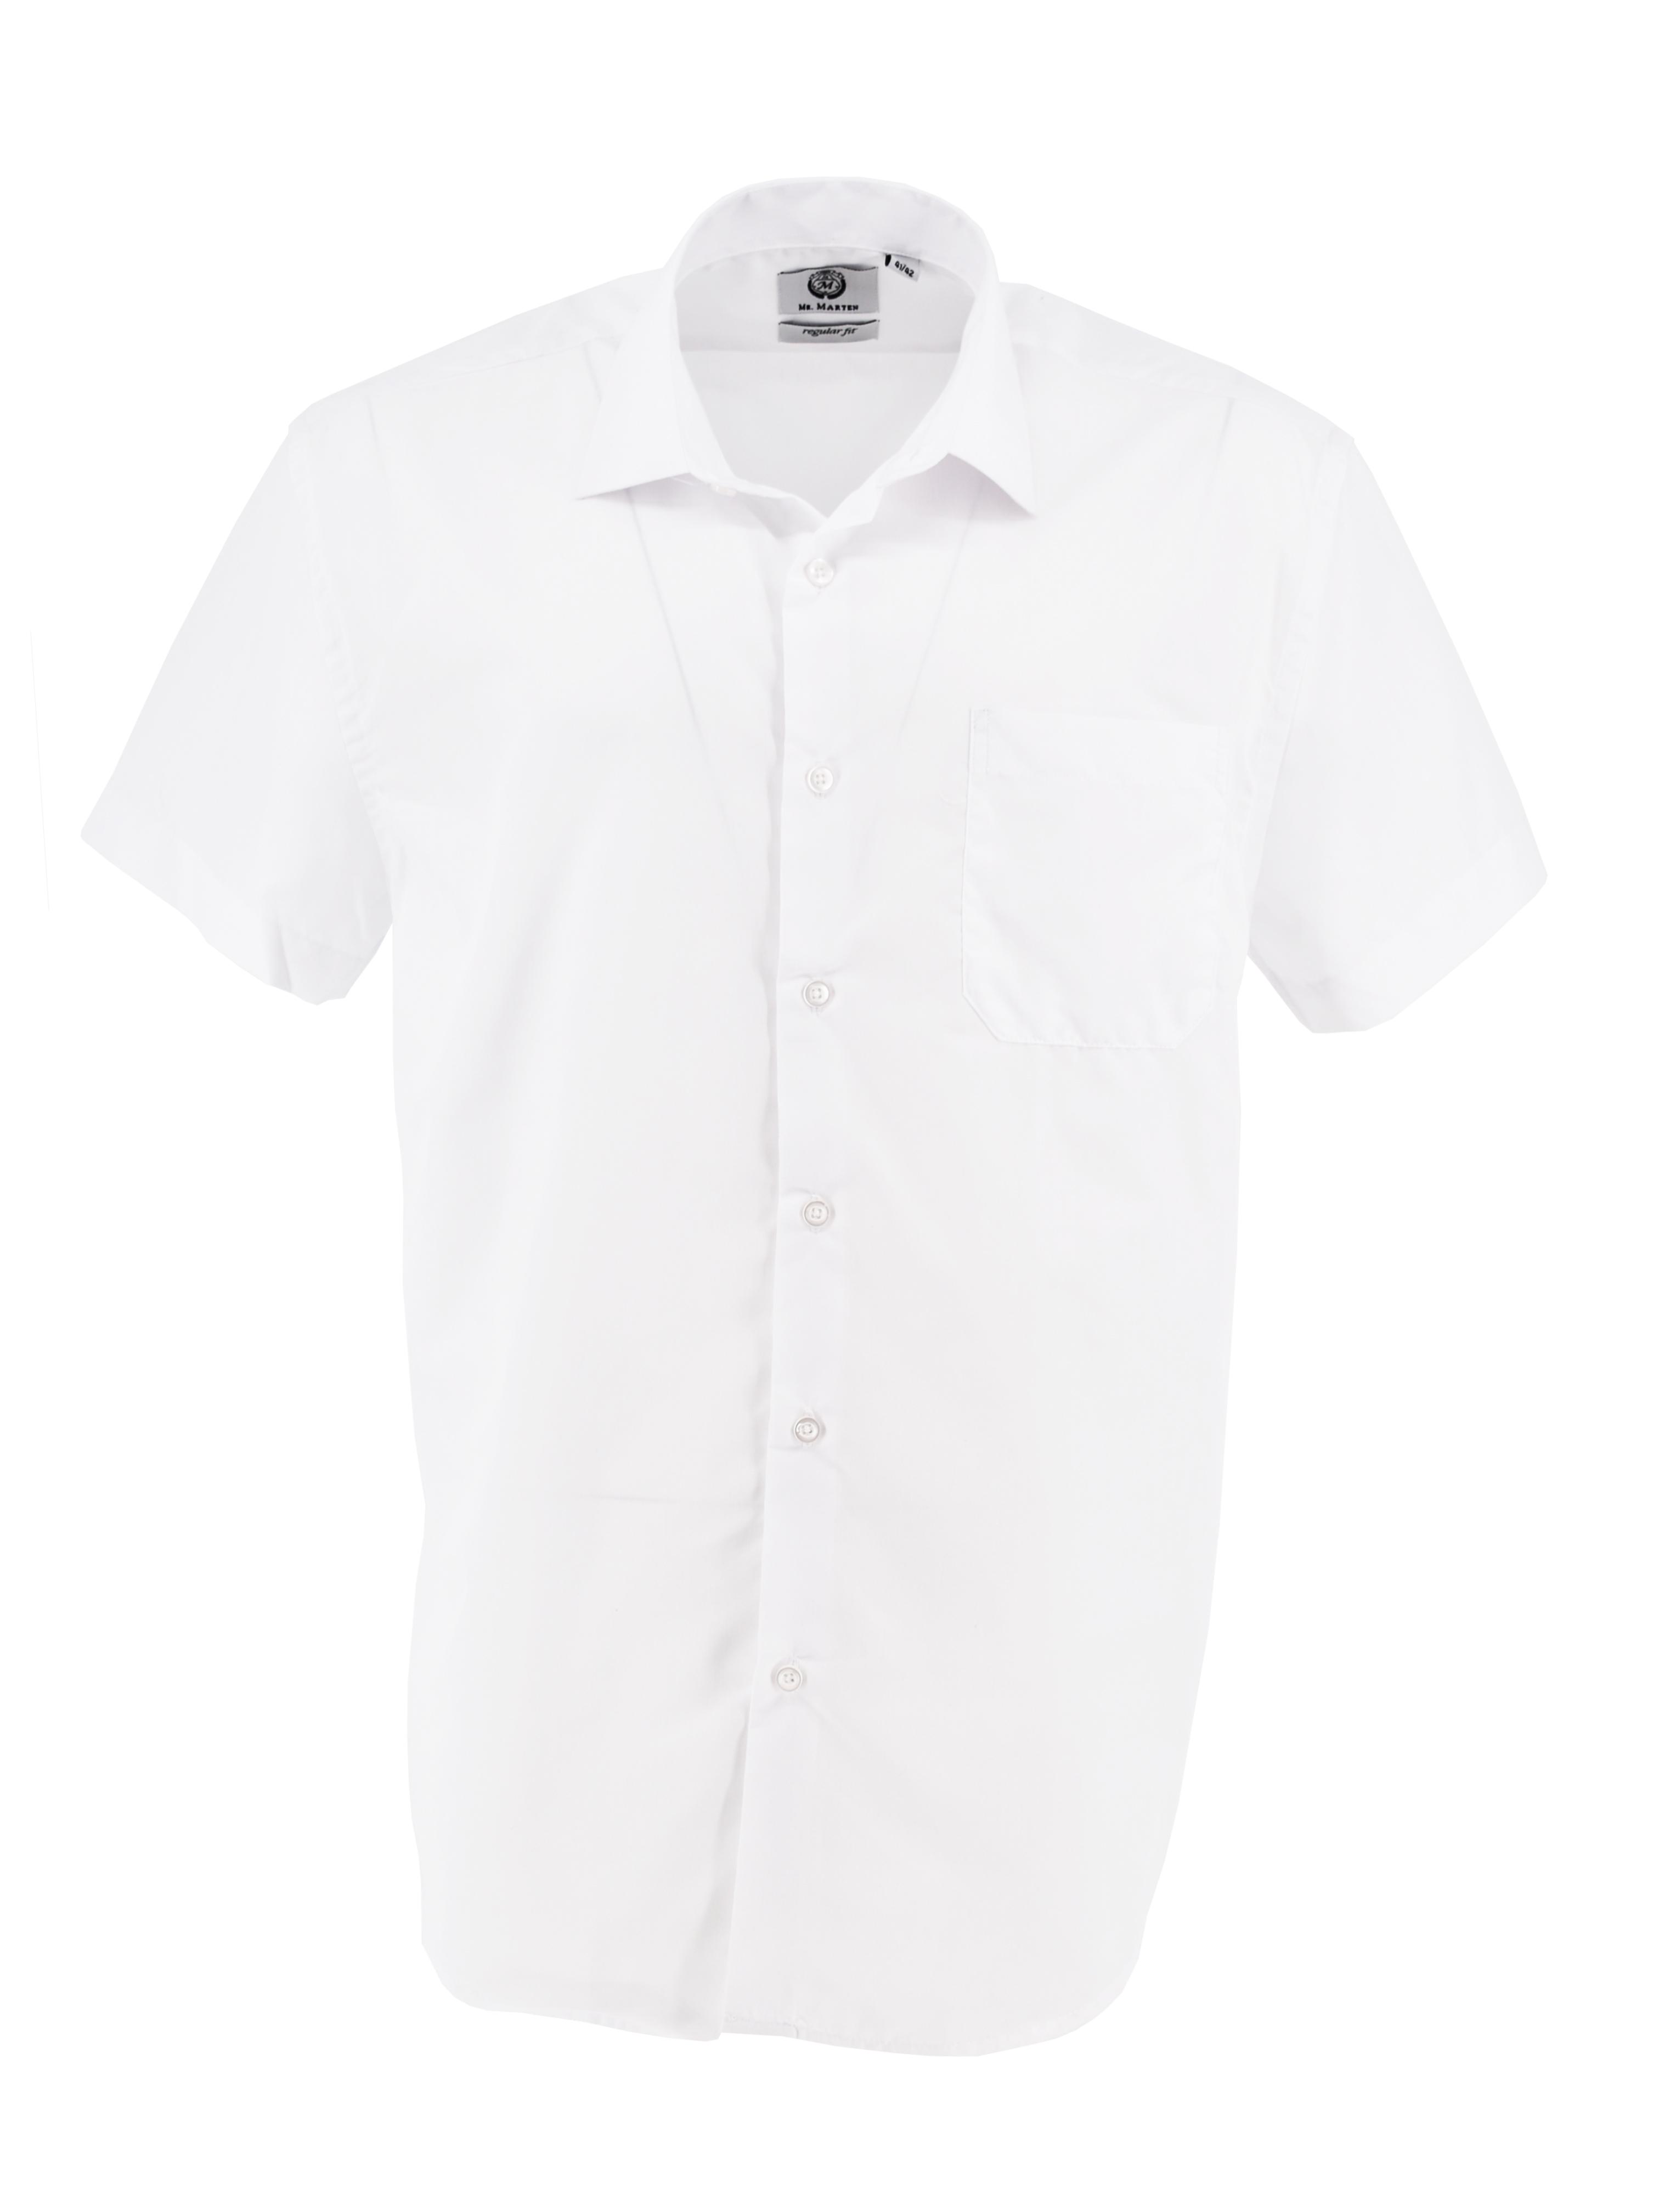 Mooi wit overhemd met korte mouwen van Mr. Marten. Borstzakje op de linkerborst.